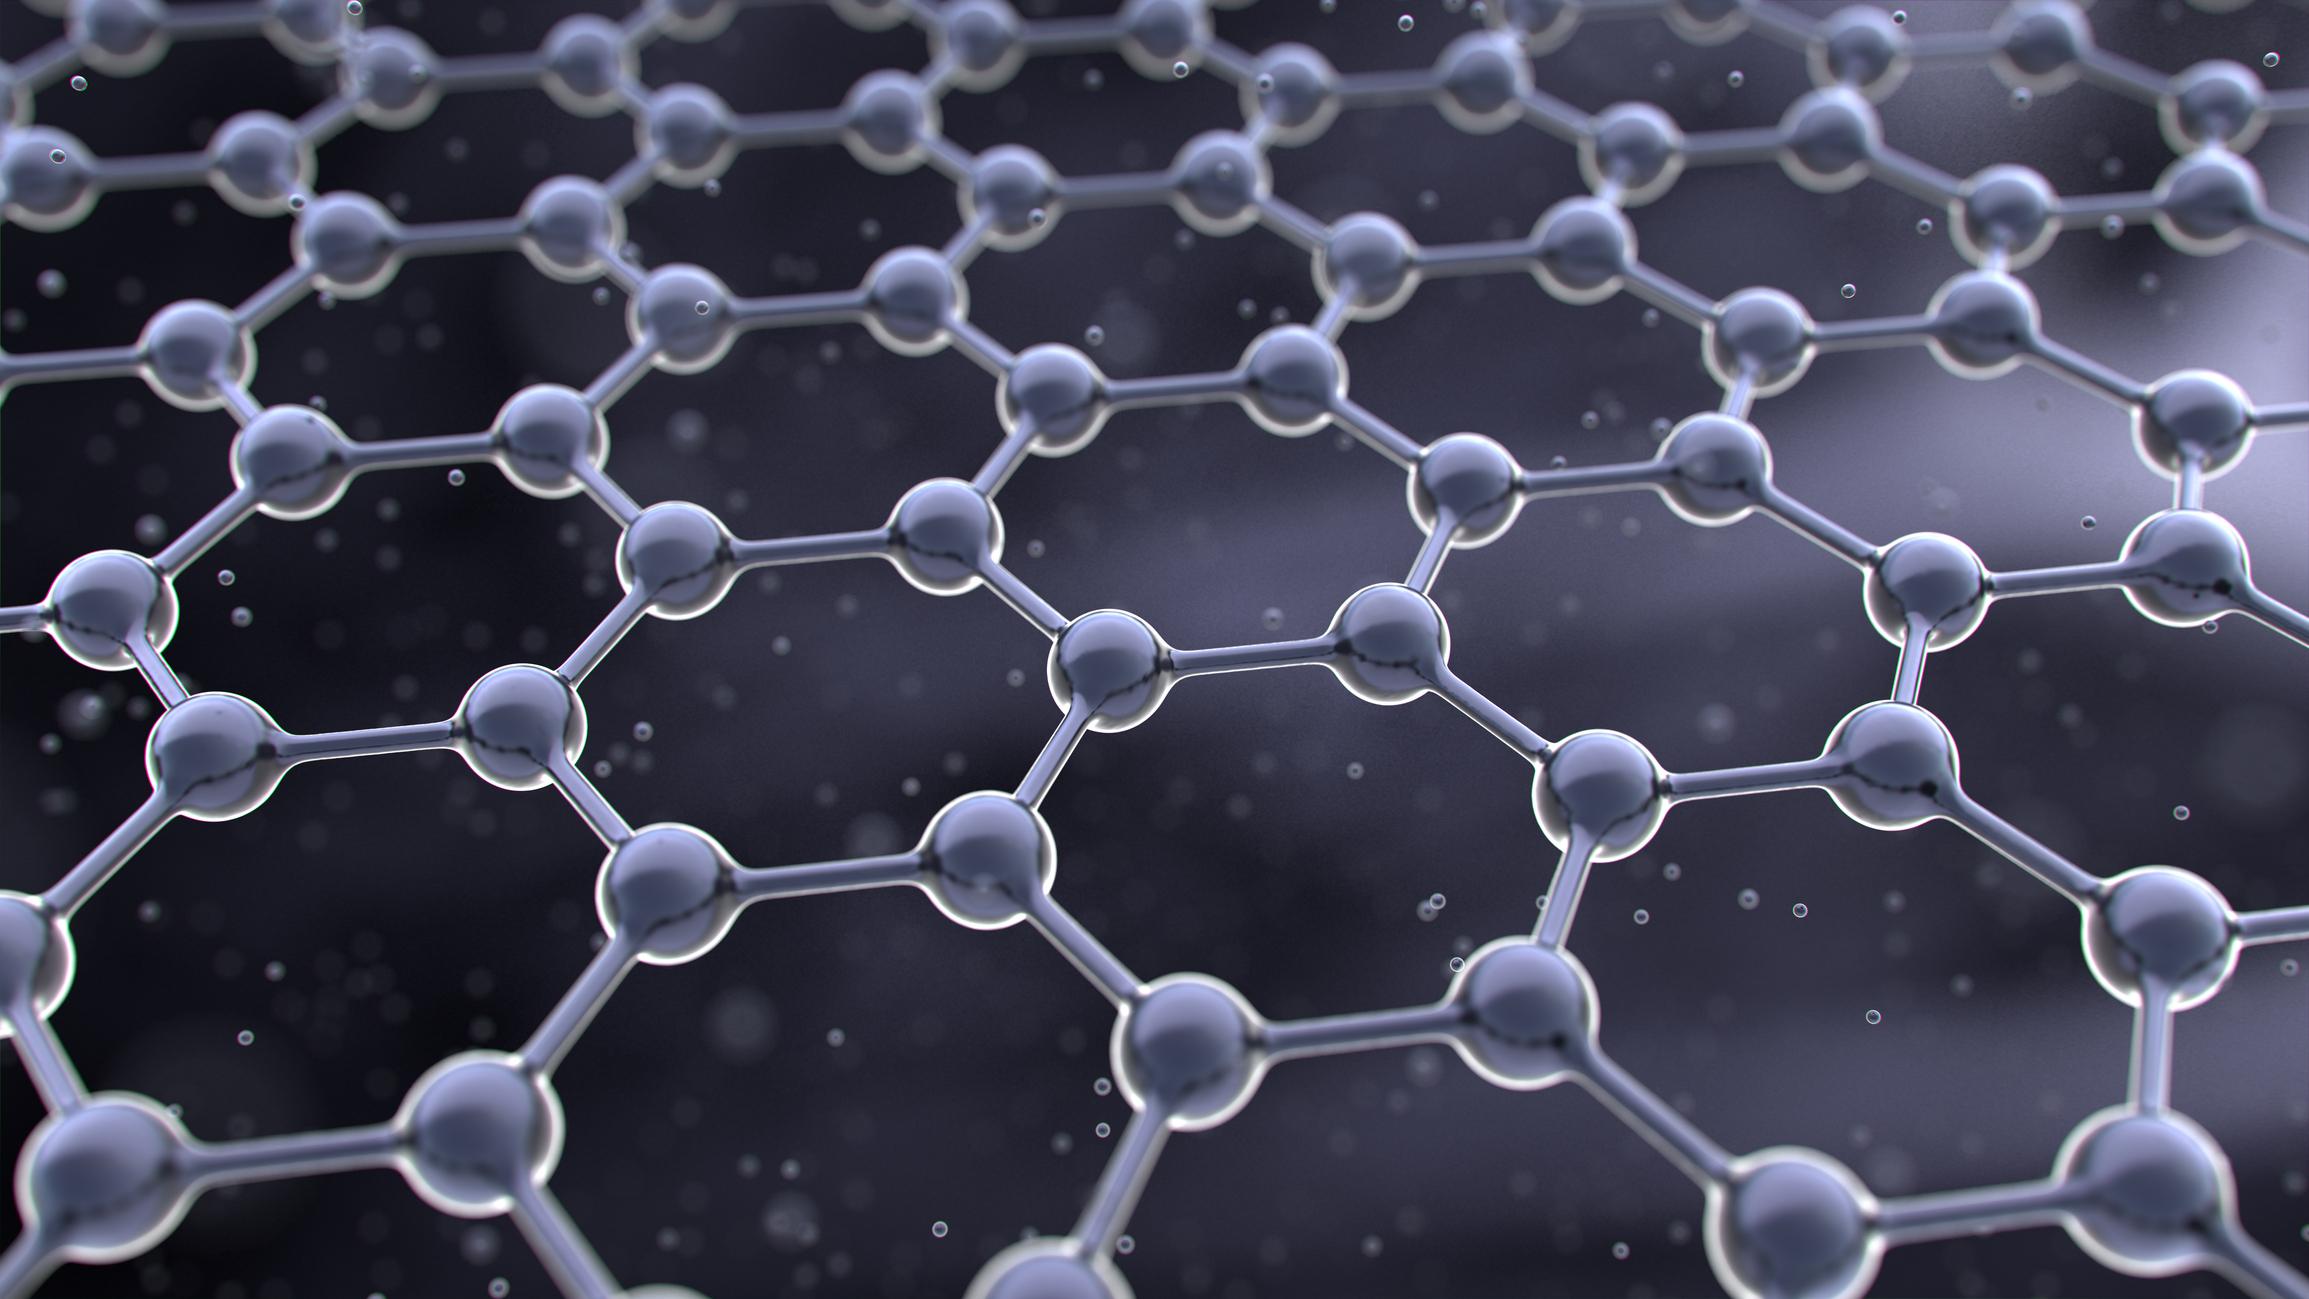 石墨烯,是由碳原子(圖中圓點)以六角形組成的一片薄膜,薄膜的厚度只有一個碳原子高。示意圖來源│iStock